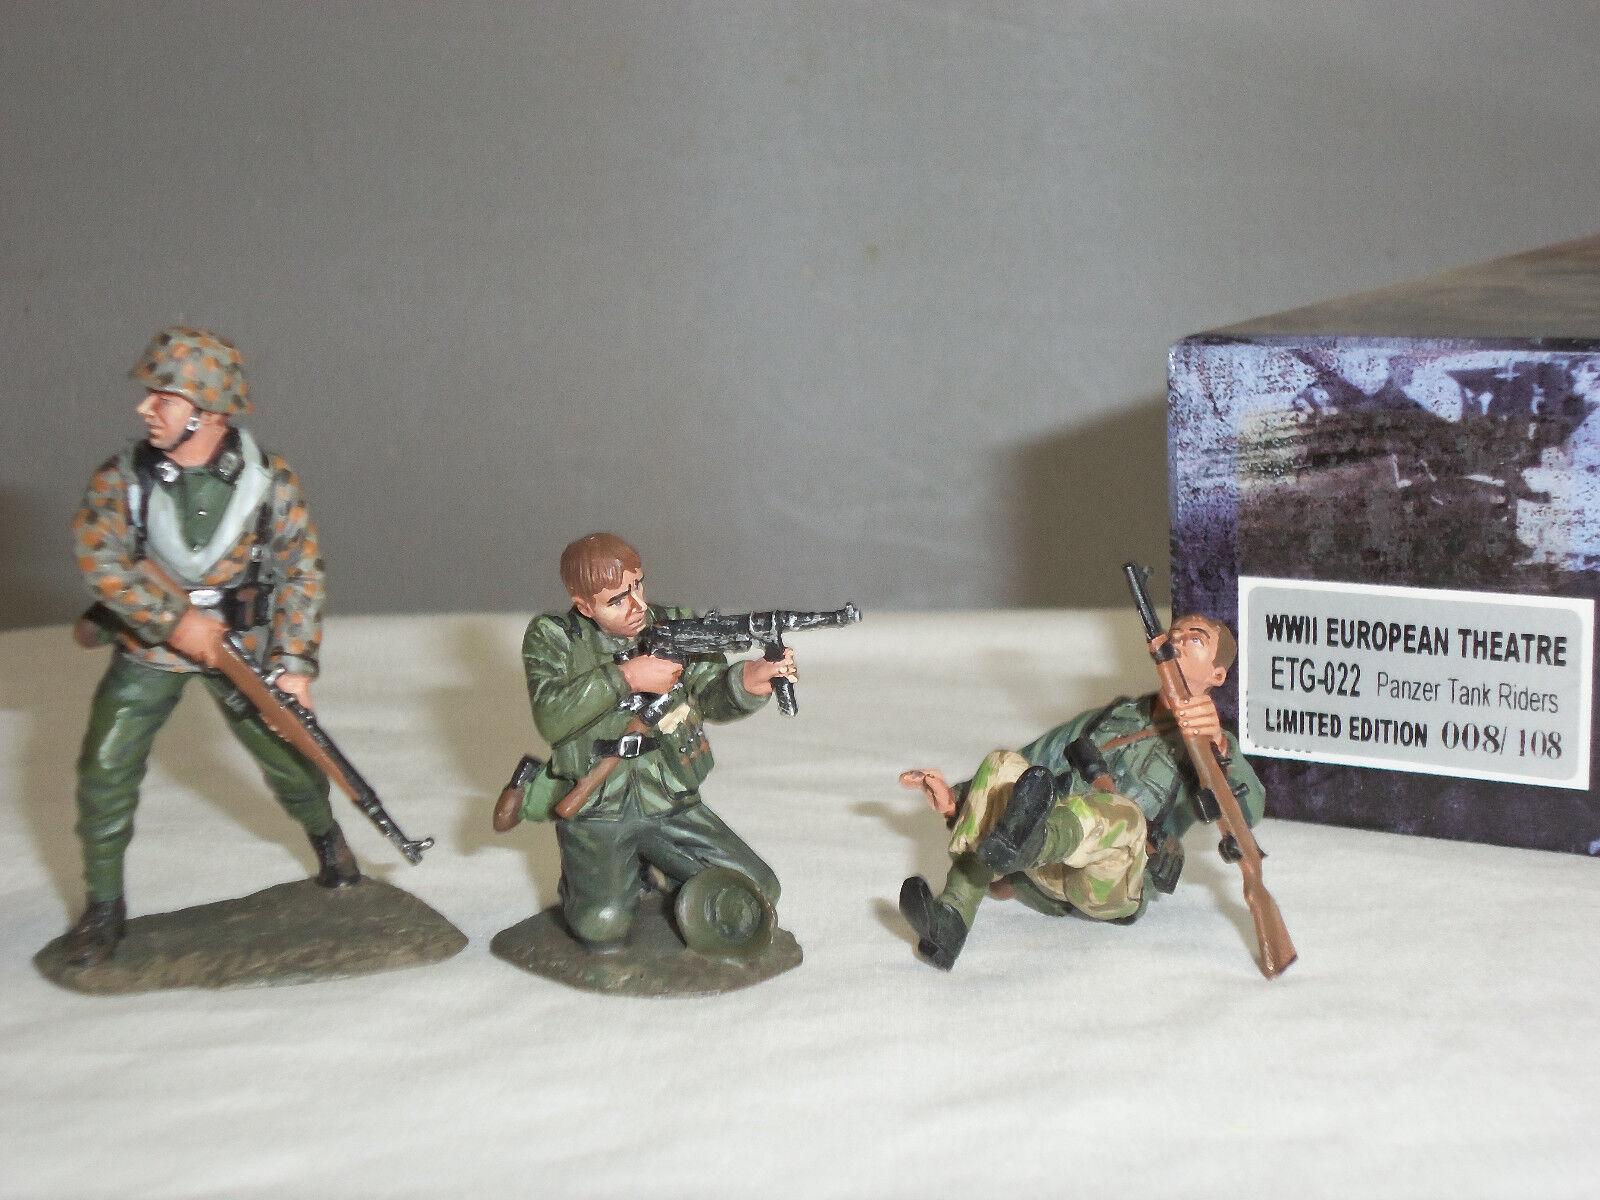 FIGARTI ETG022 WORLD WAR TWO GERMAN PANZER TANK RIDERS METAL TOY SOLDIER SET